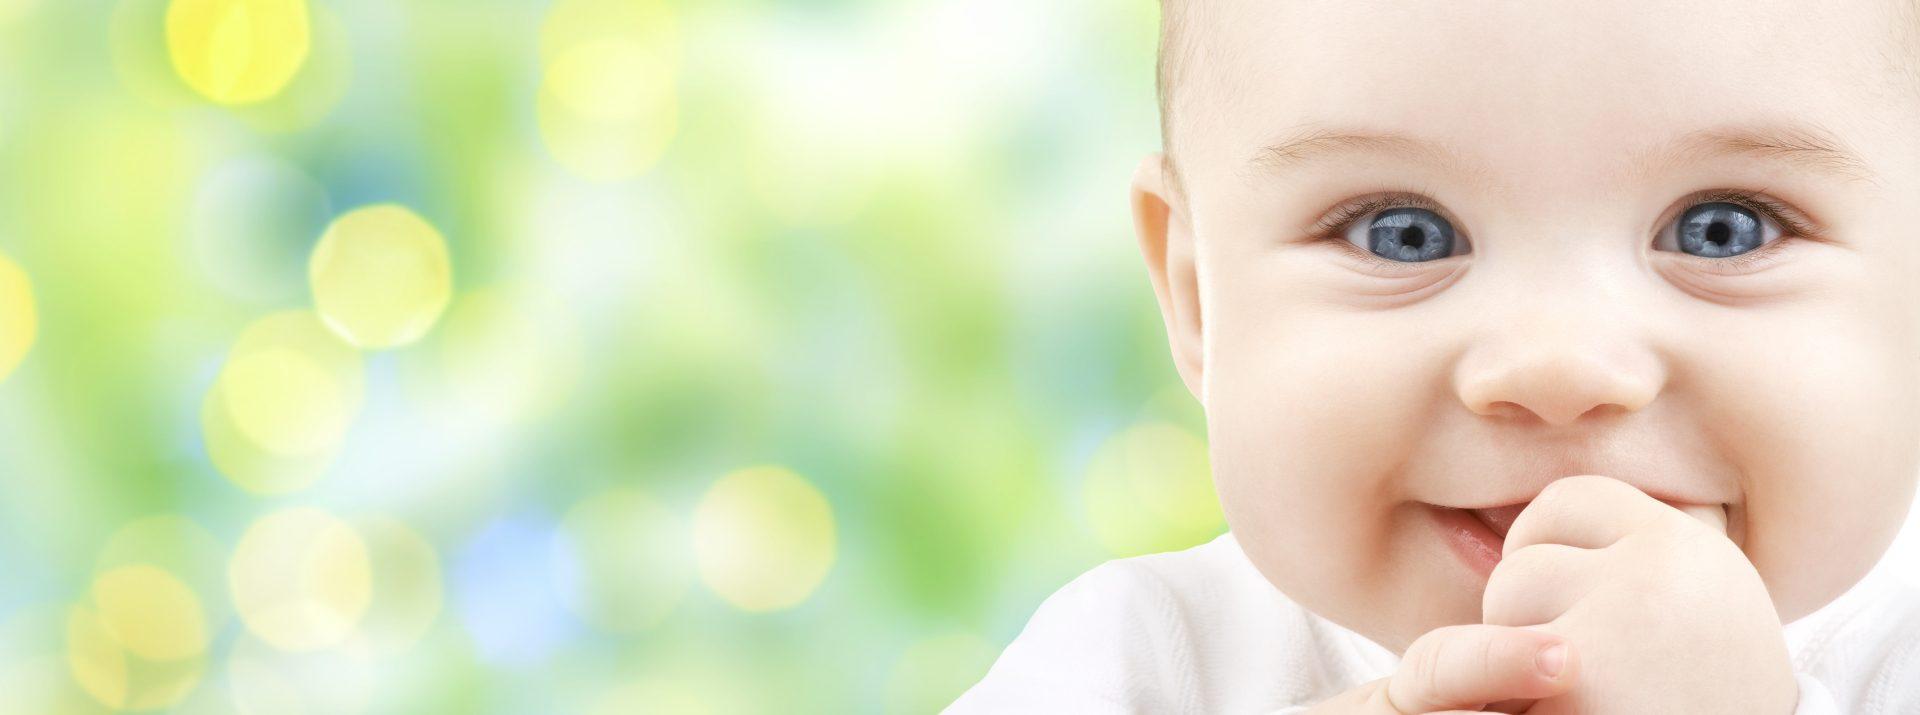 Gabinet Rehabilitacji Dzieci i Niemowląt Zapraszamy!